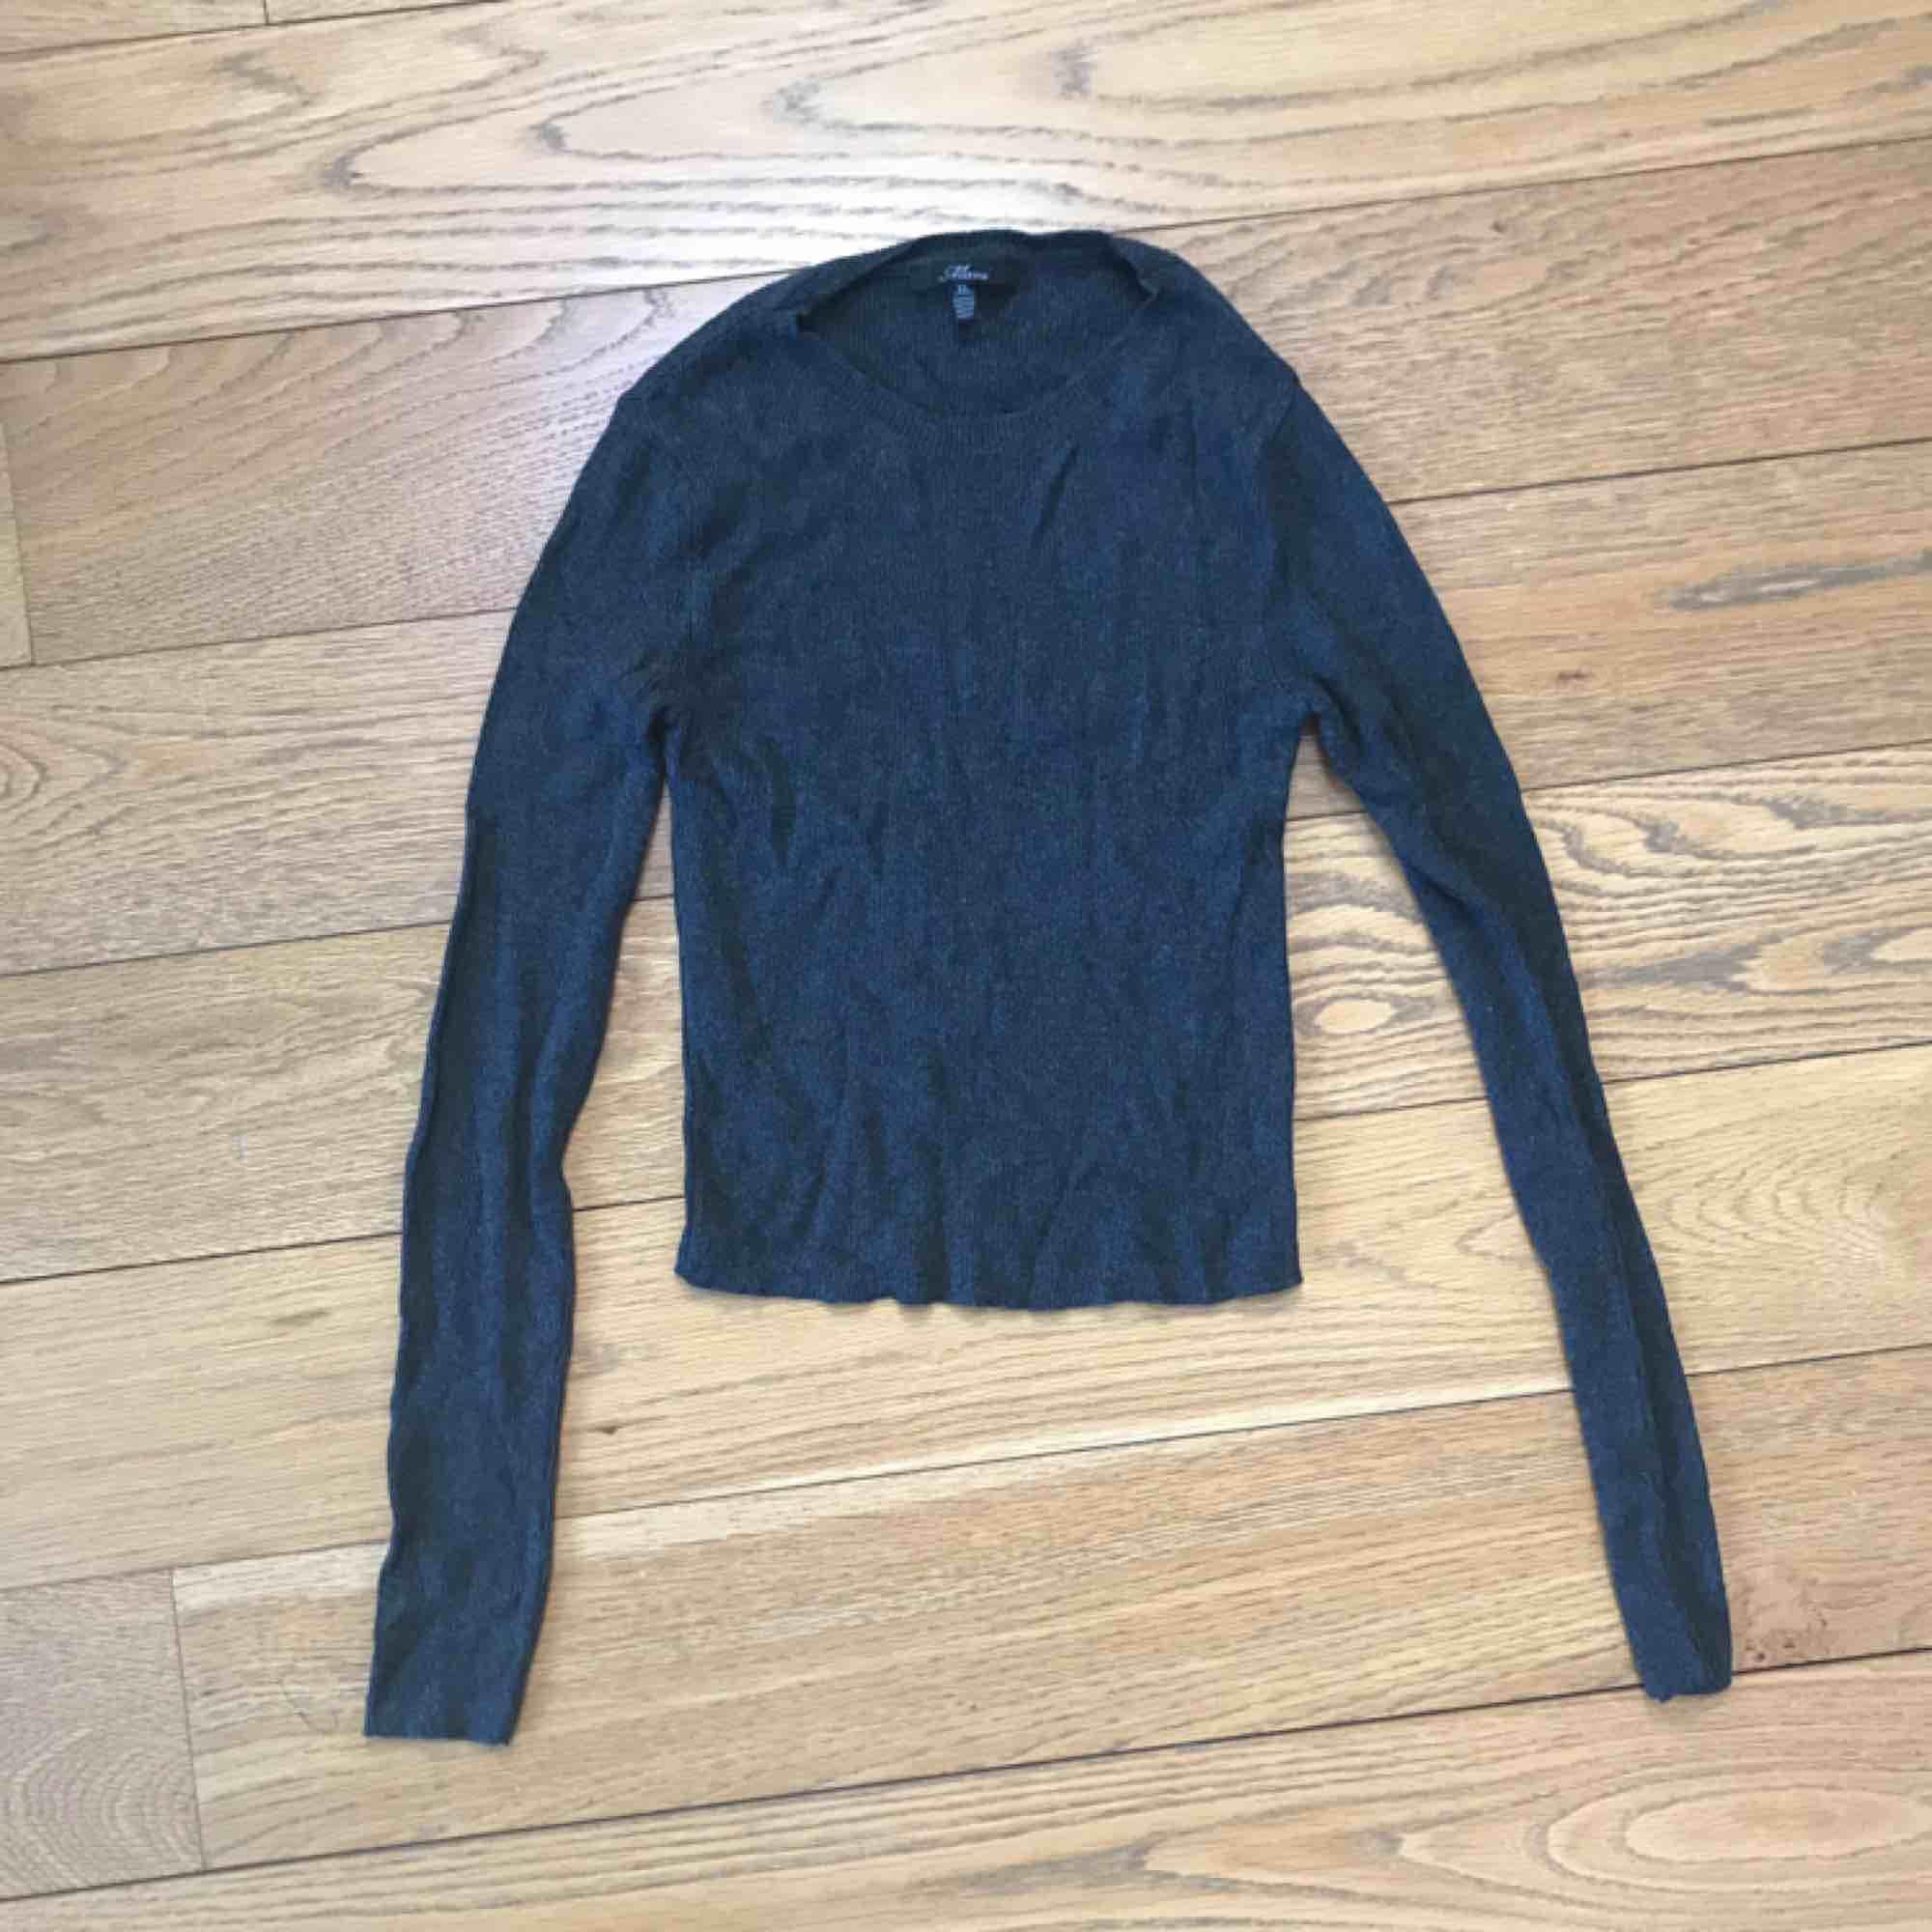 Midjekort mörkgrå stretchig tröja från turkiska Mavi, köpt i Istanbul. . Stickat.